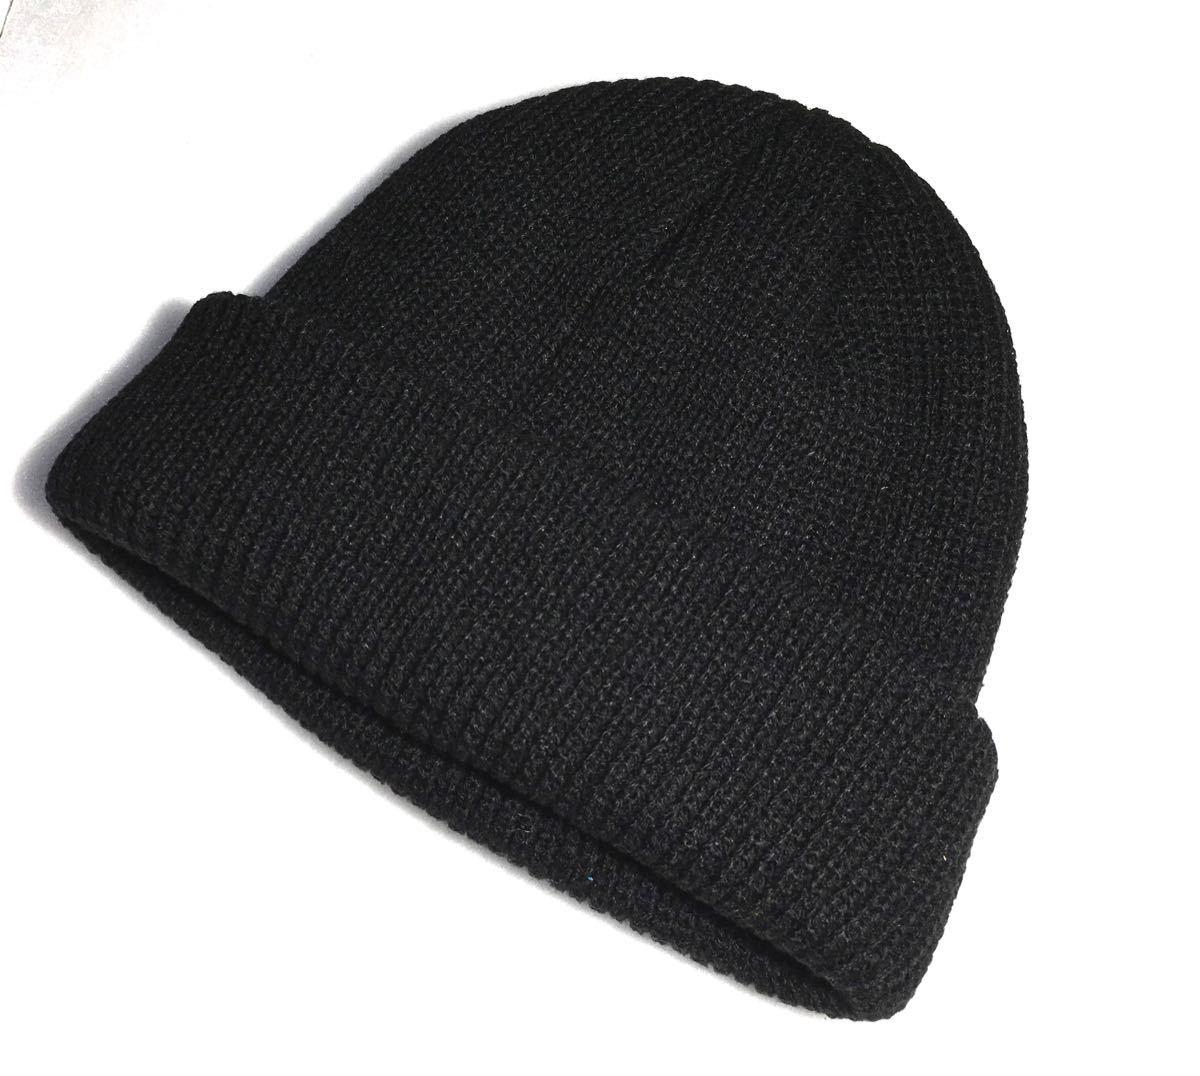 ニット帽 ニットキャップ 浅め ビーニー ストリート系 黒 ブラック サマー